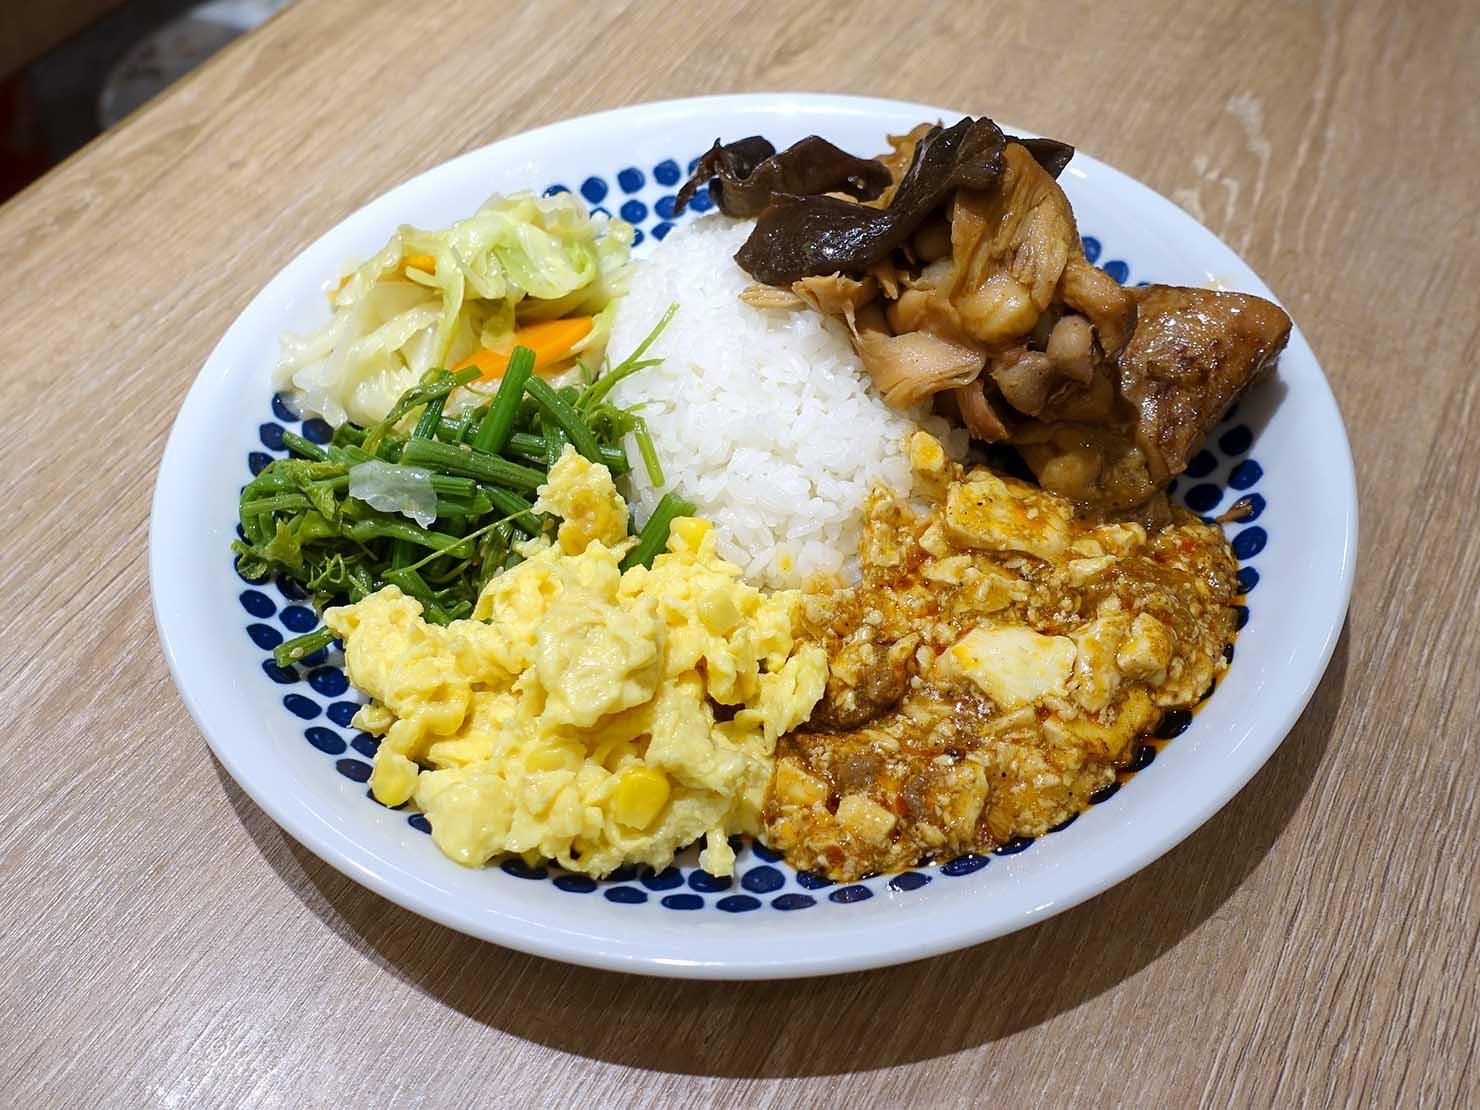 台北・忠孝復興駅(東區)のおすすめグルメ店「今頂小吃」の黃燜雞飯